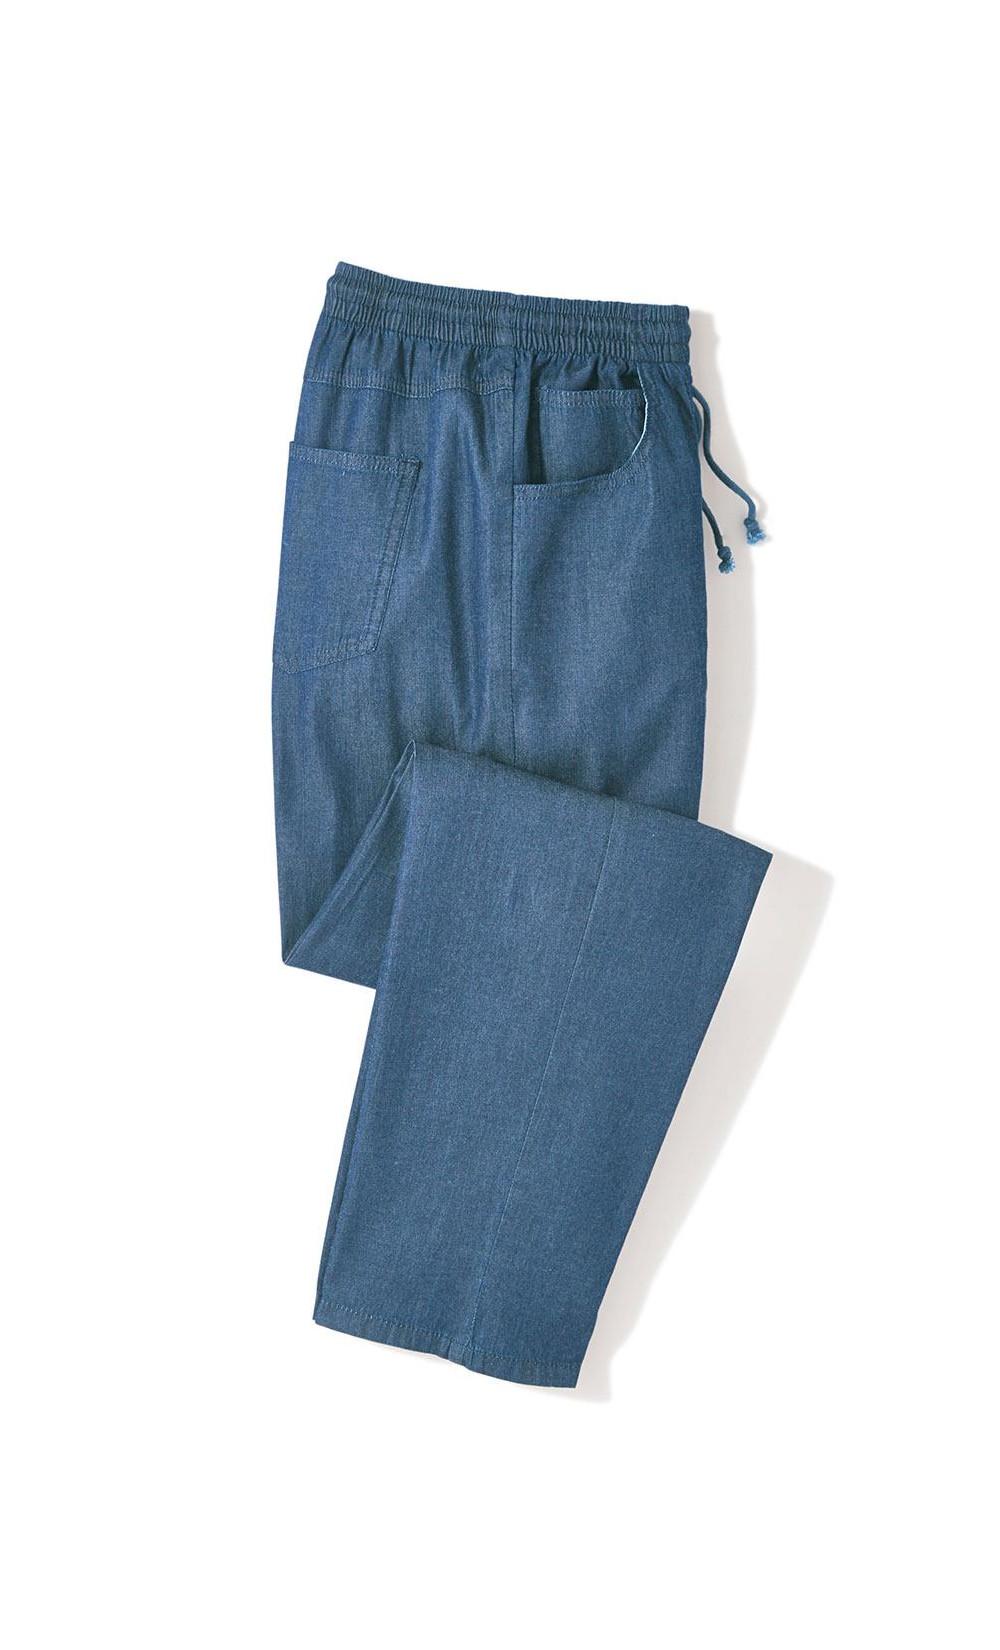 pantalon - FUBINI